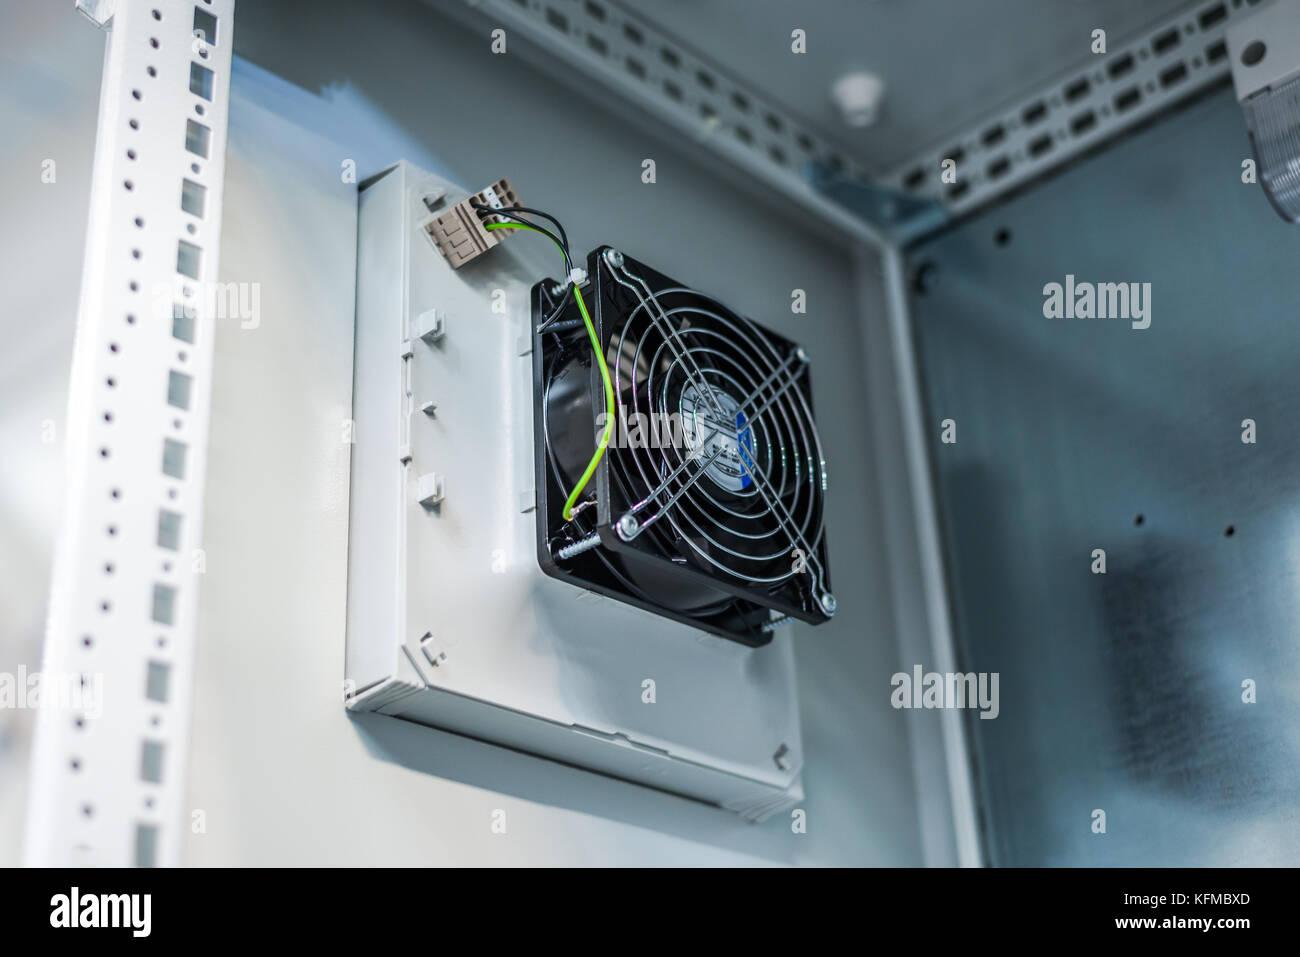 Ventilateur de refroidissement électrique au boîtier de distribution de puissance industrielle, l'industrie. Photo Stock